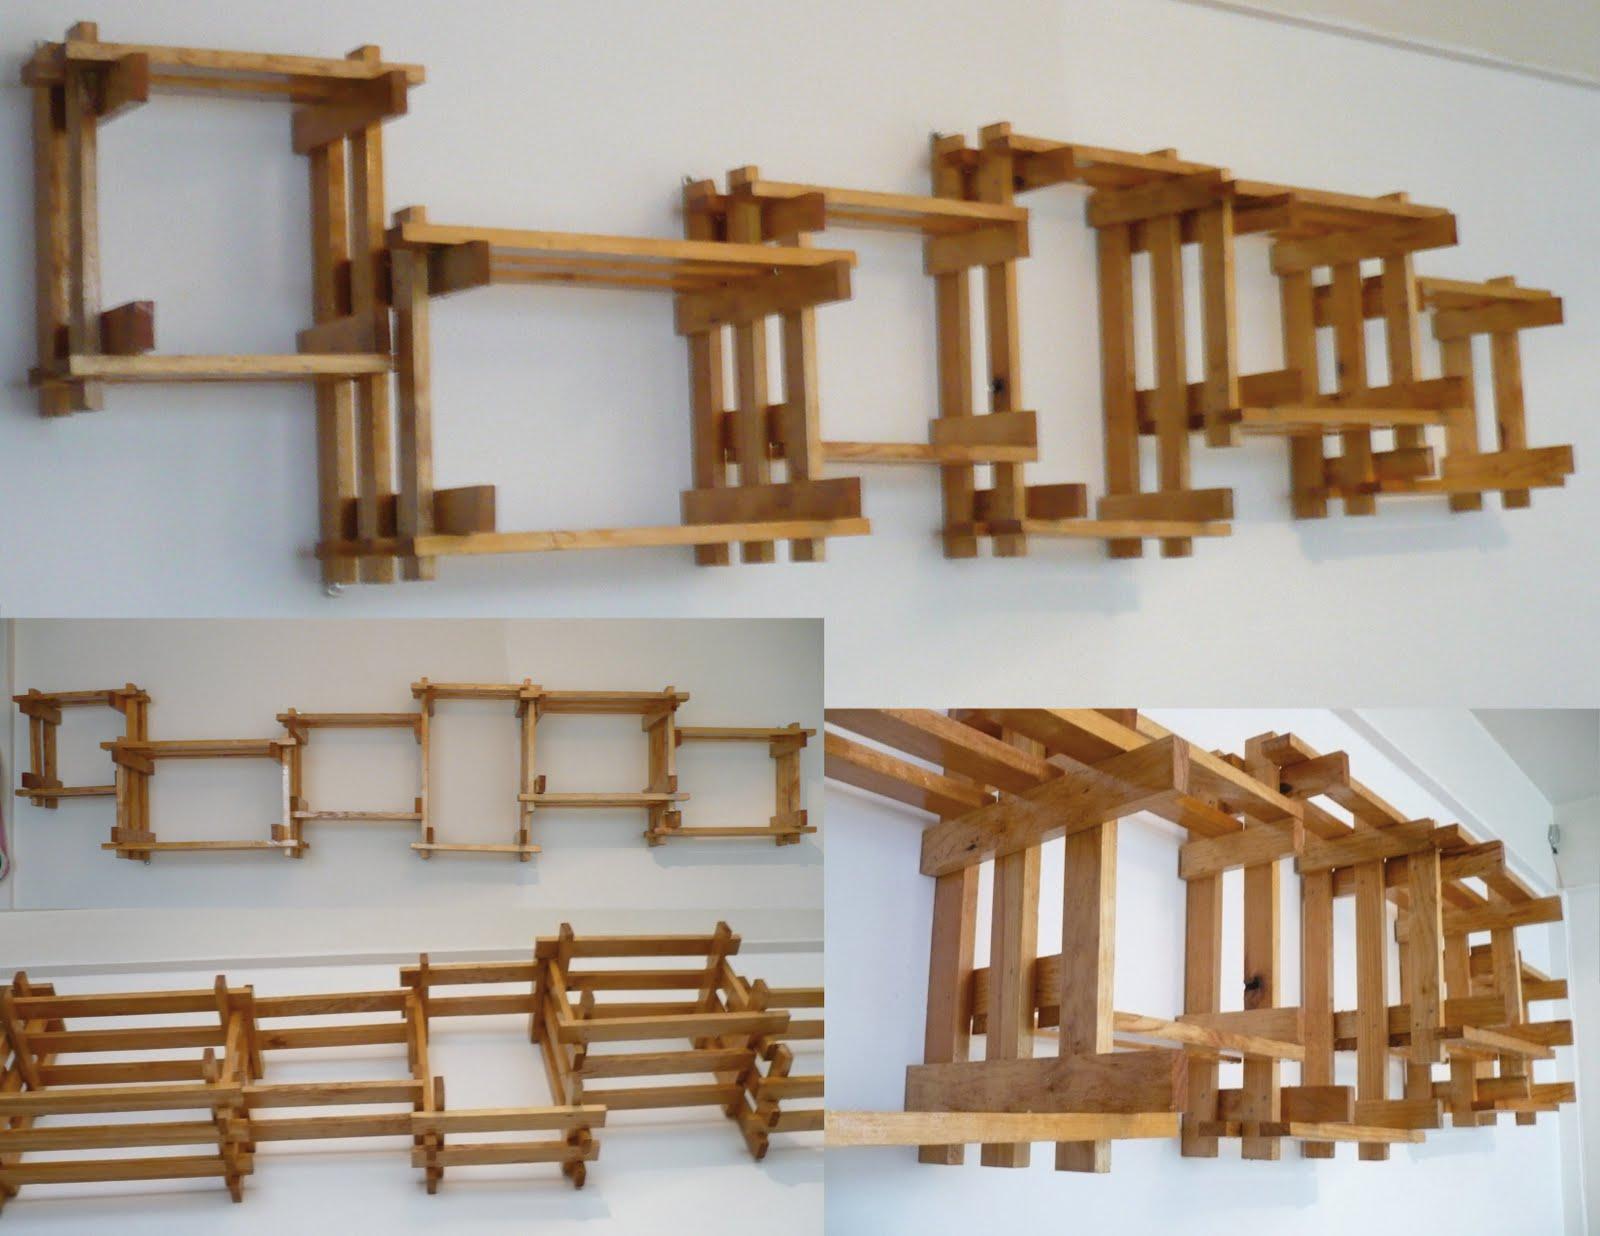 Archivo de trabajo: Repisas tejidas de madera #714620 1600x1236